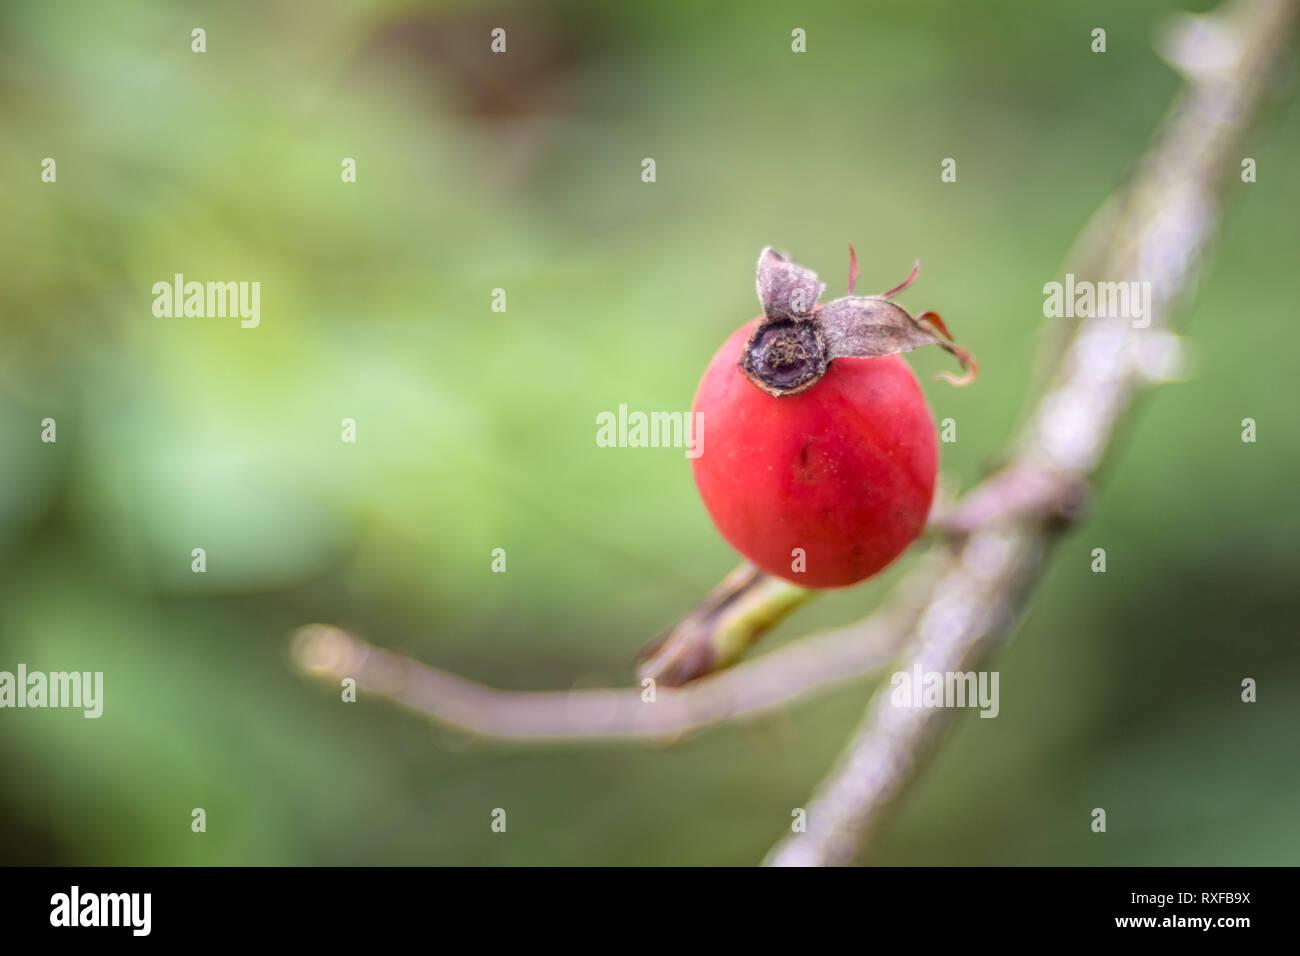 Hagebutte am Zweig mit weichem Hintergrund - Stock Image